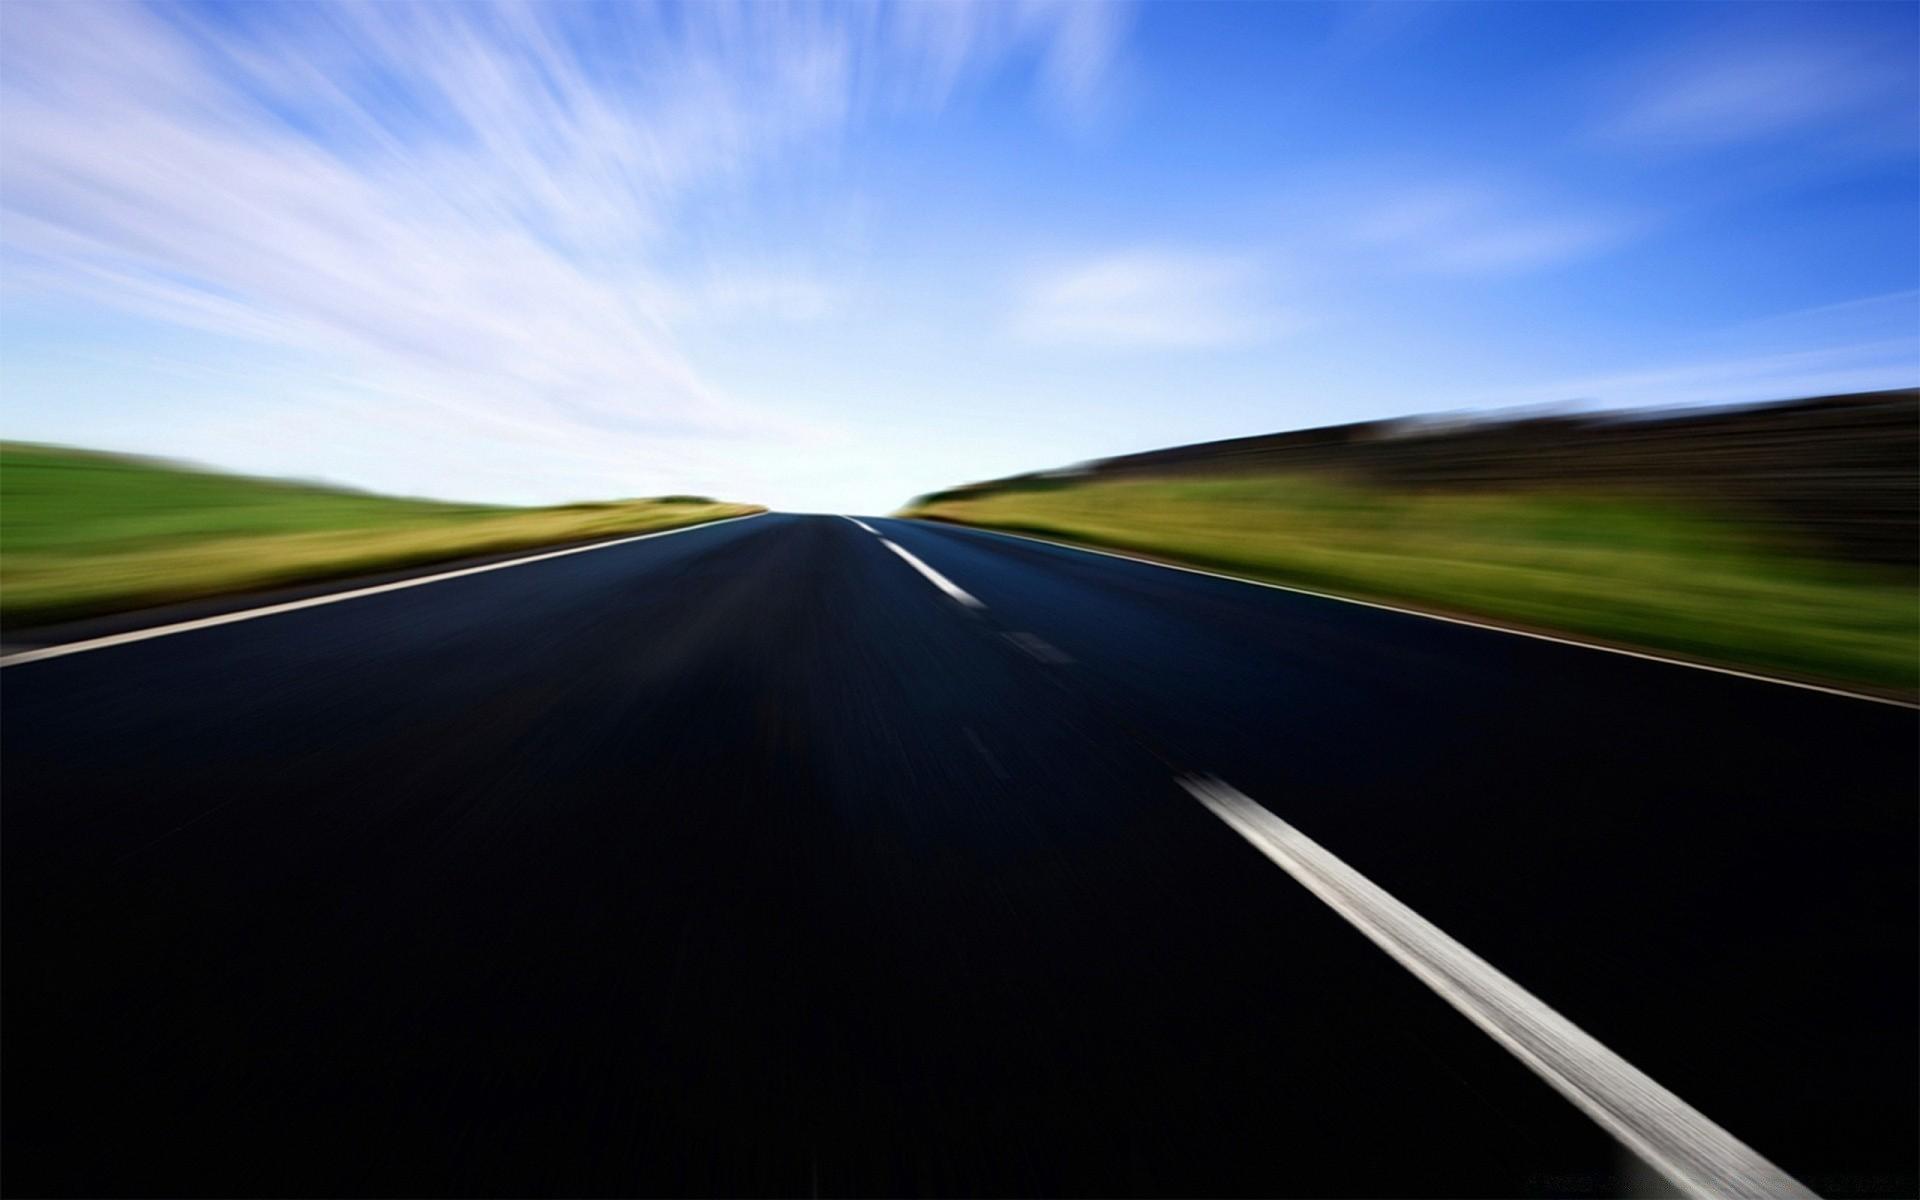 обои скорость дорога благоустройства территории